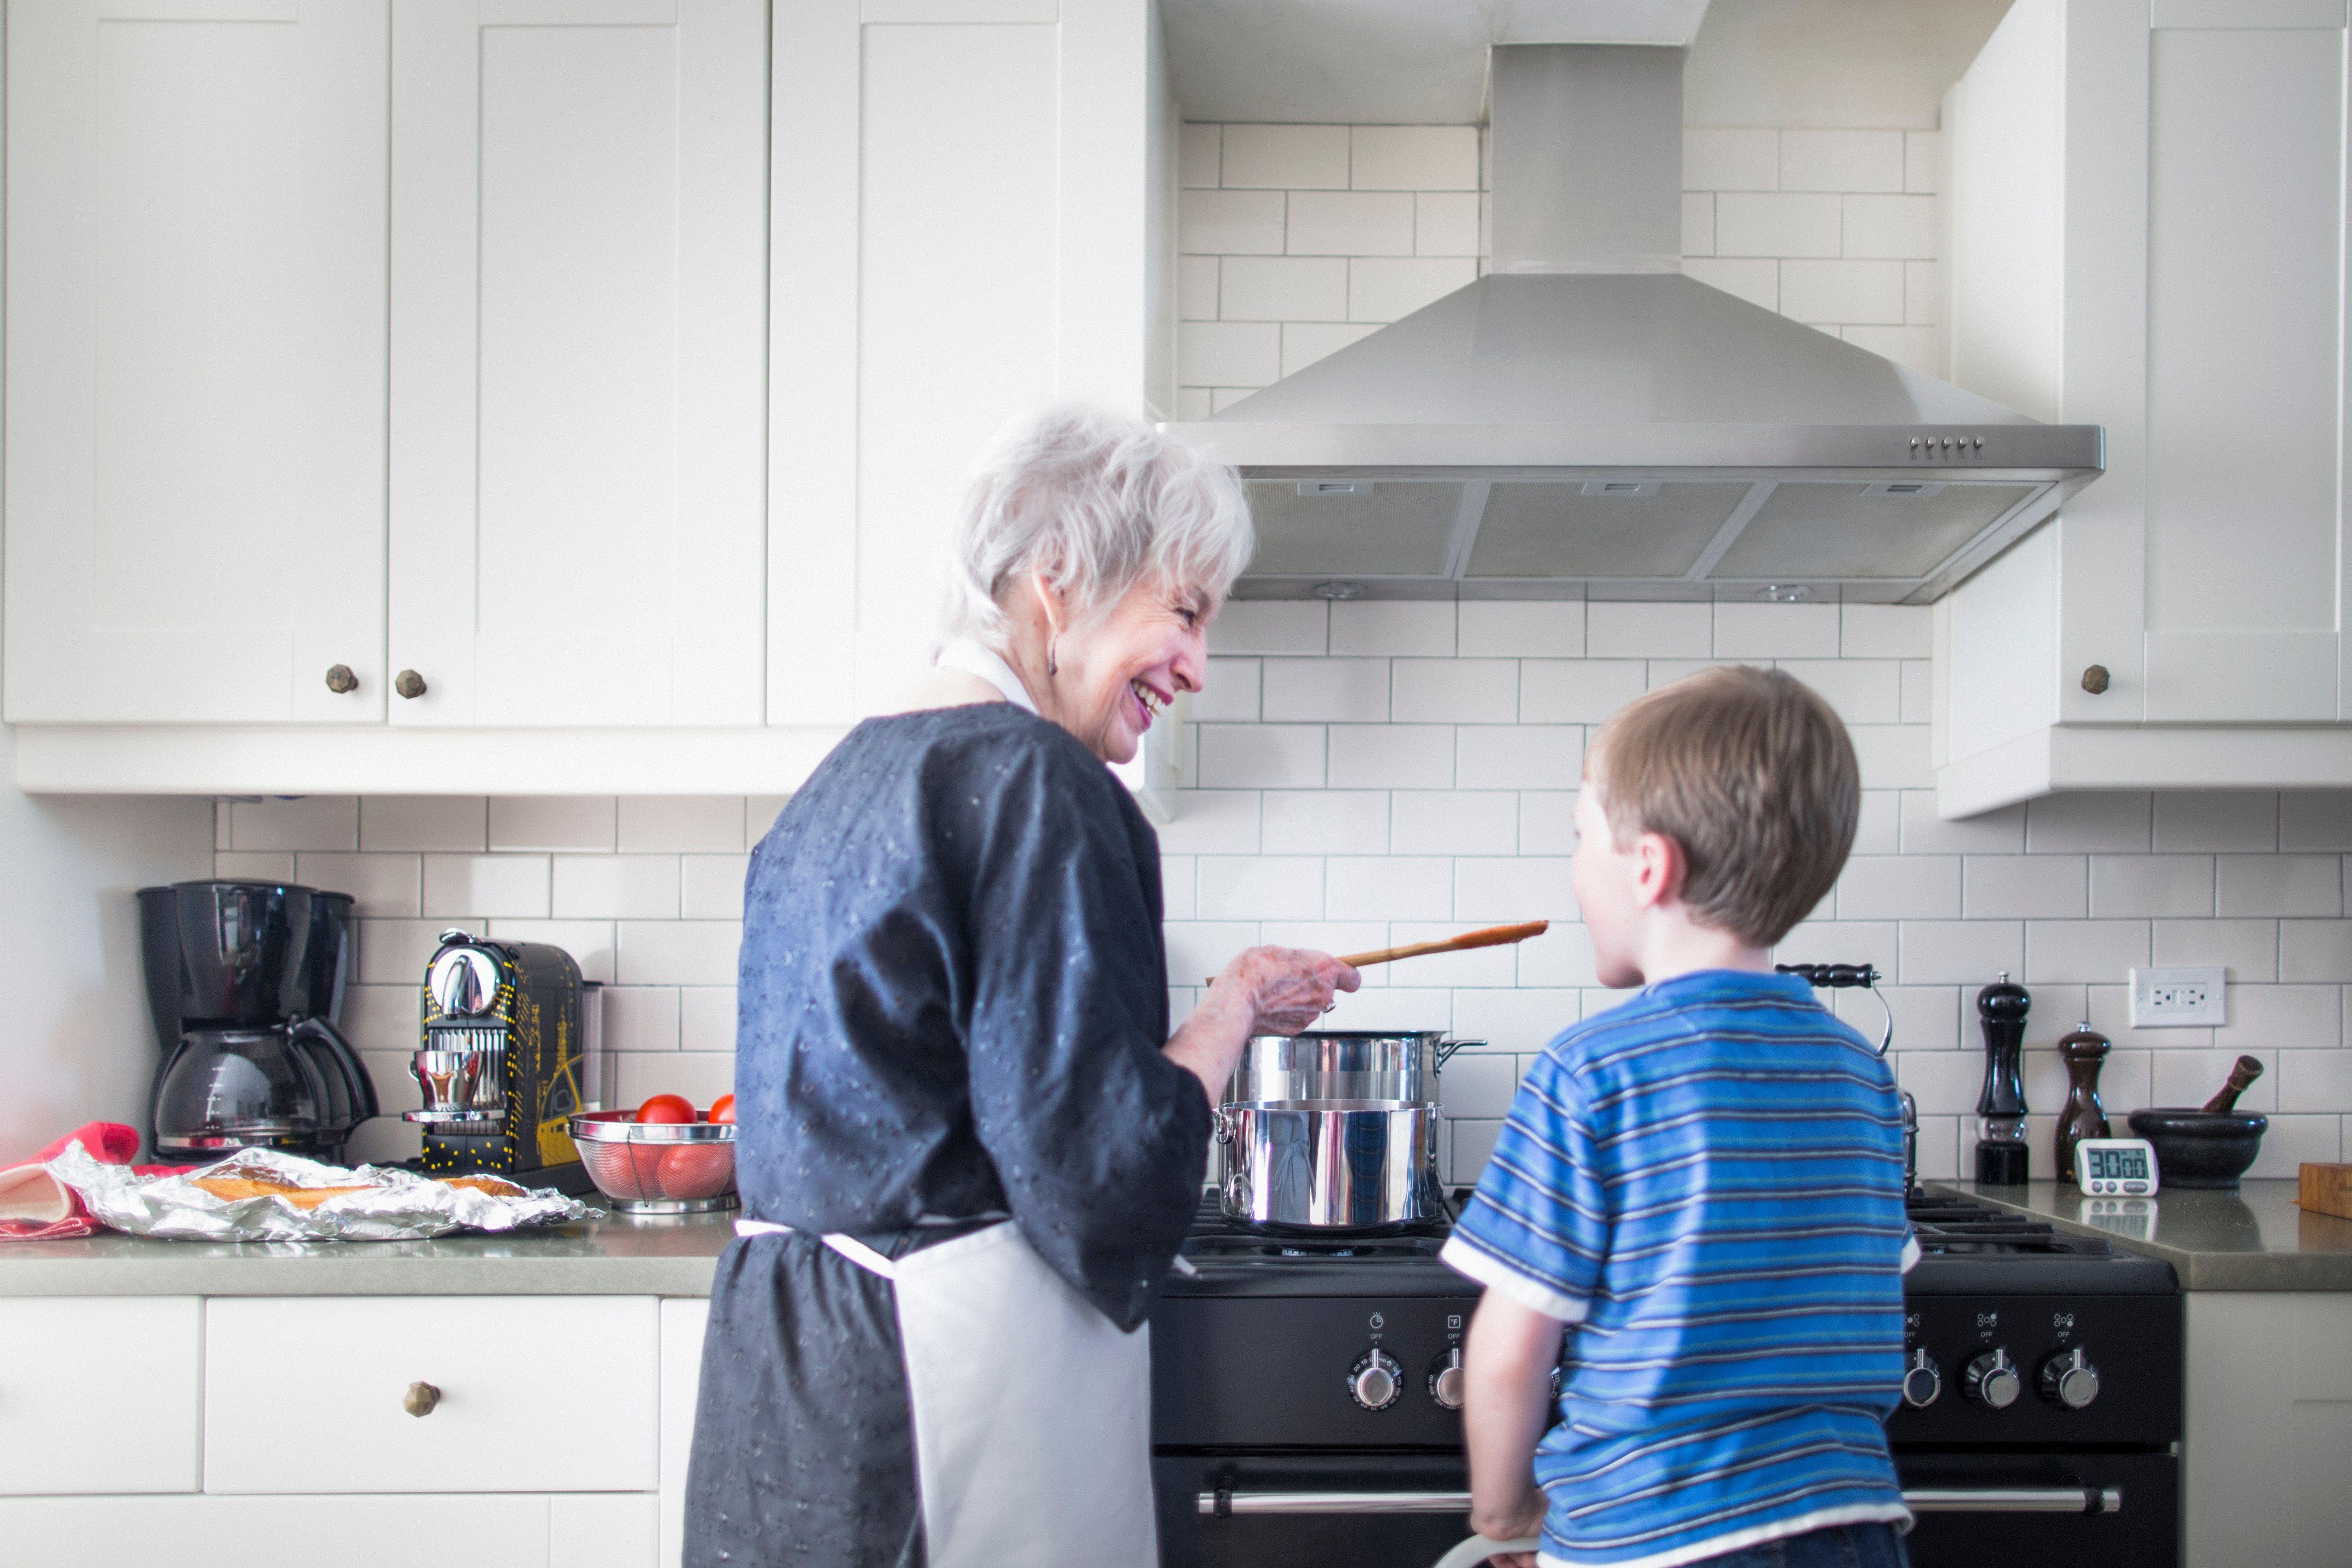 Grandmother and grandson preparing food at home